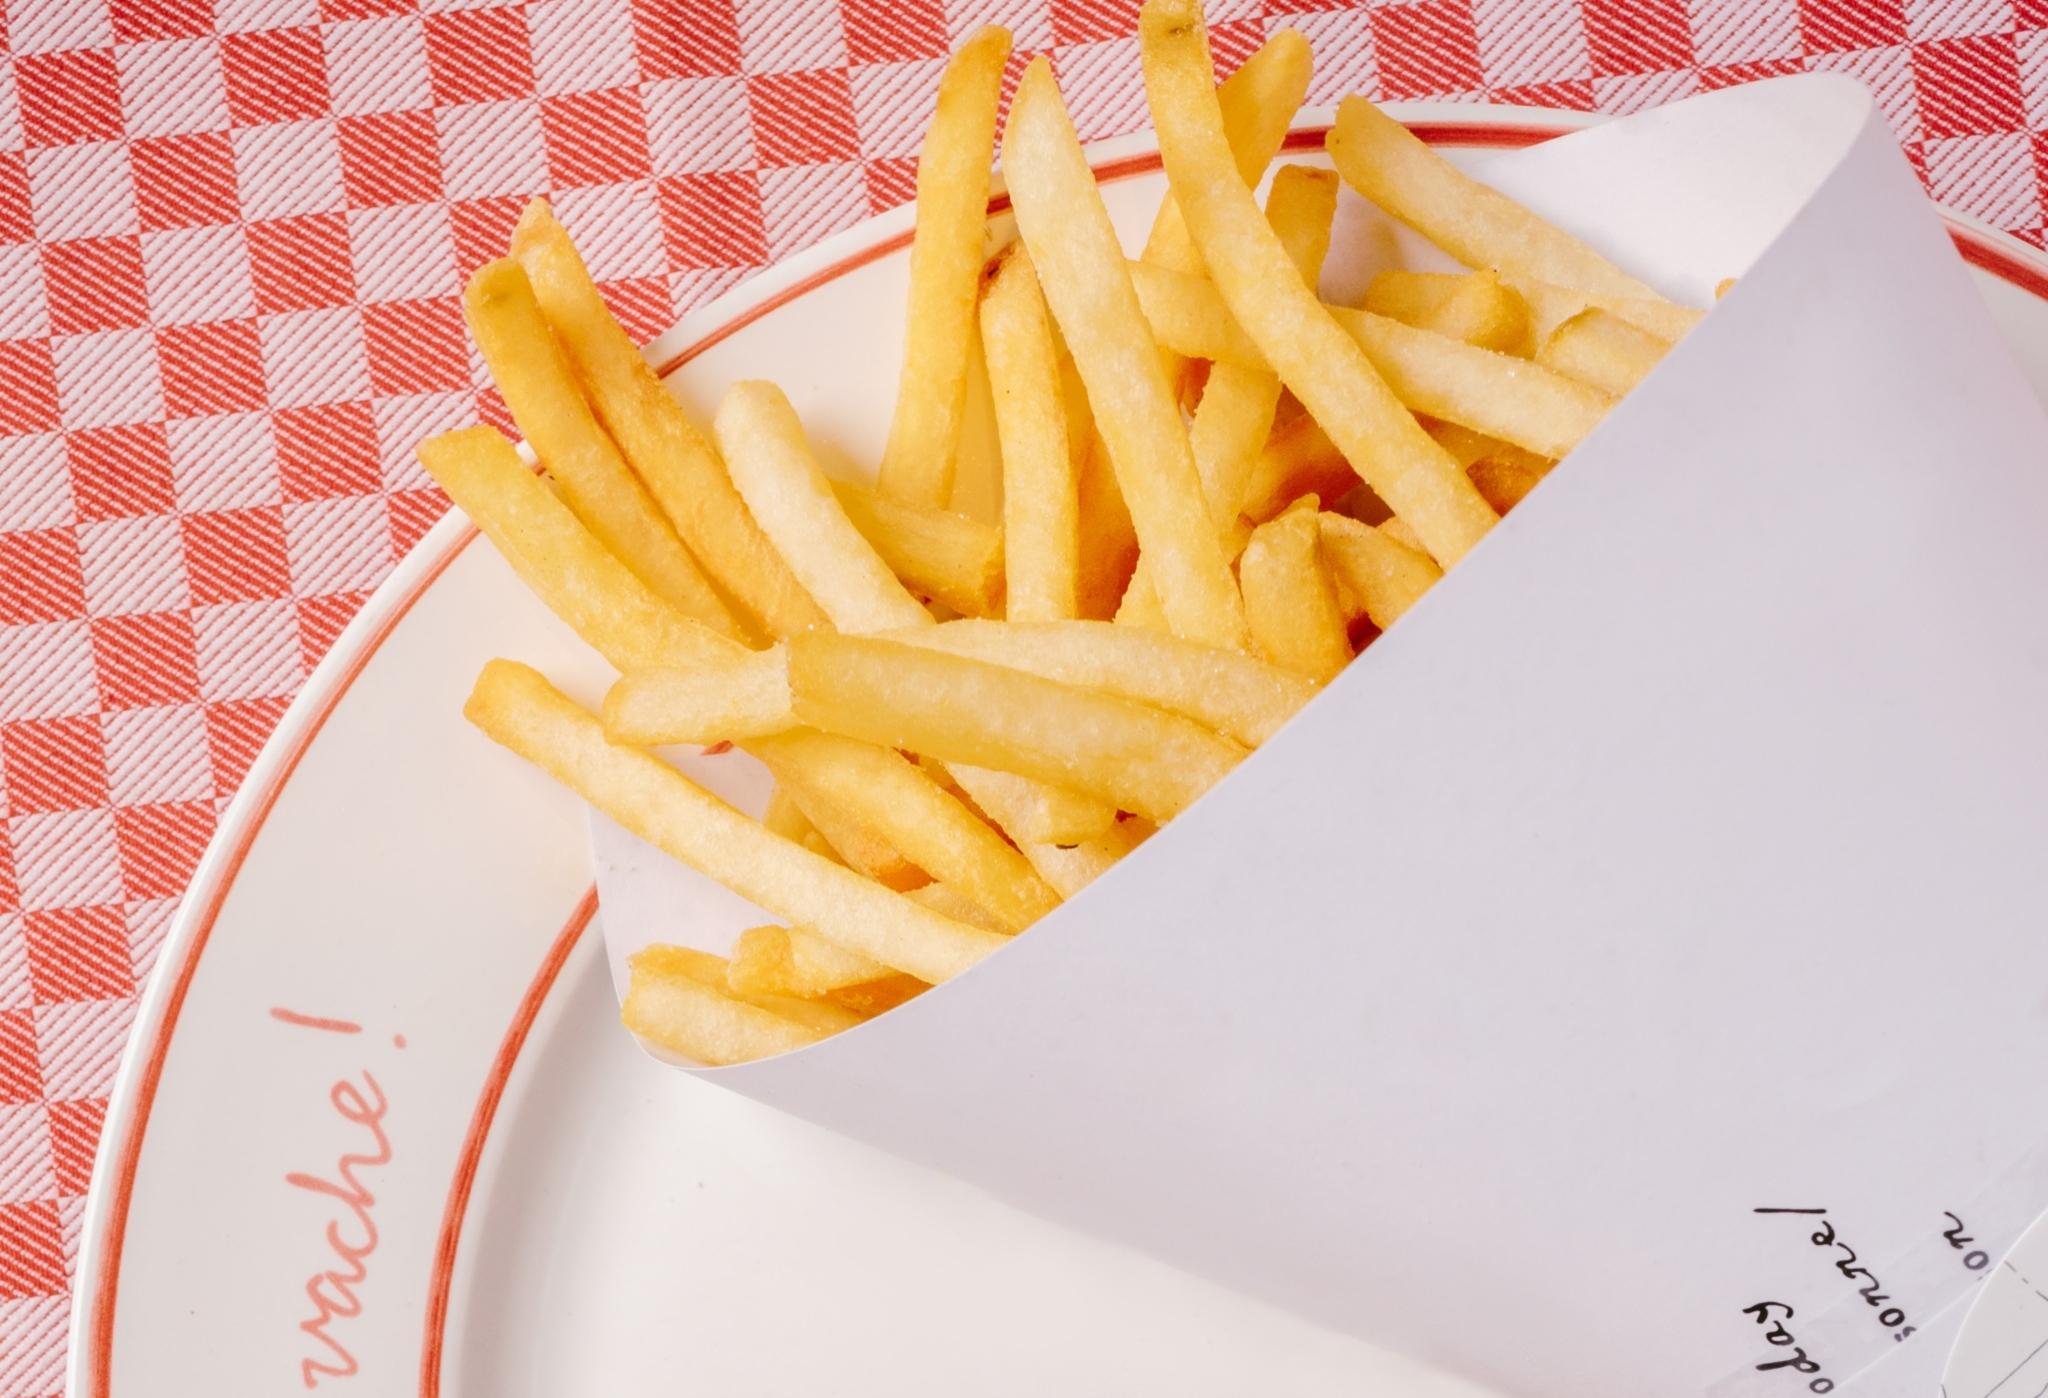 Best fries in Hong Kong